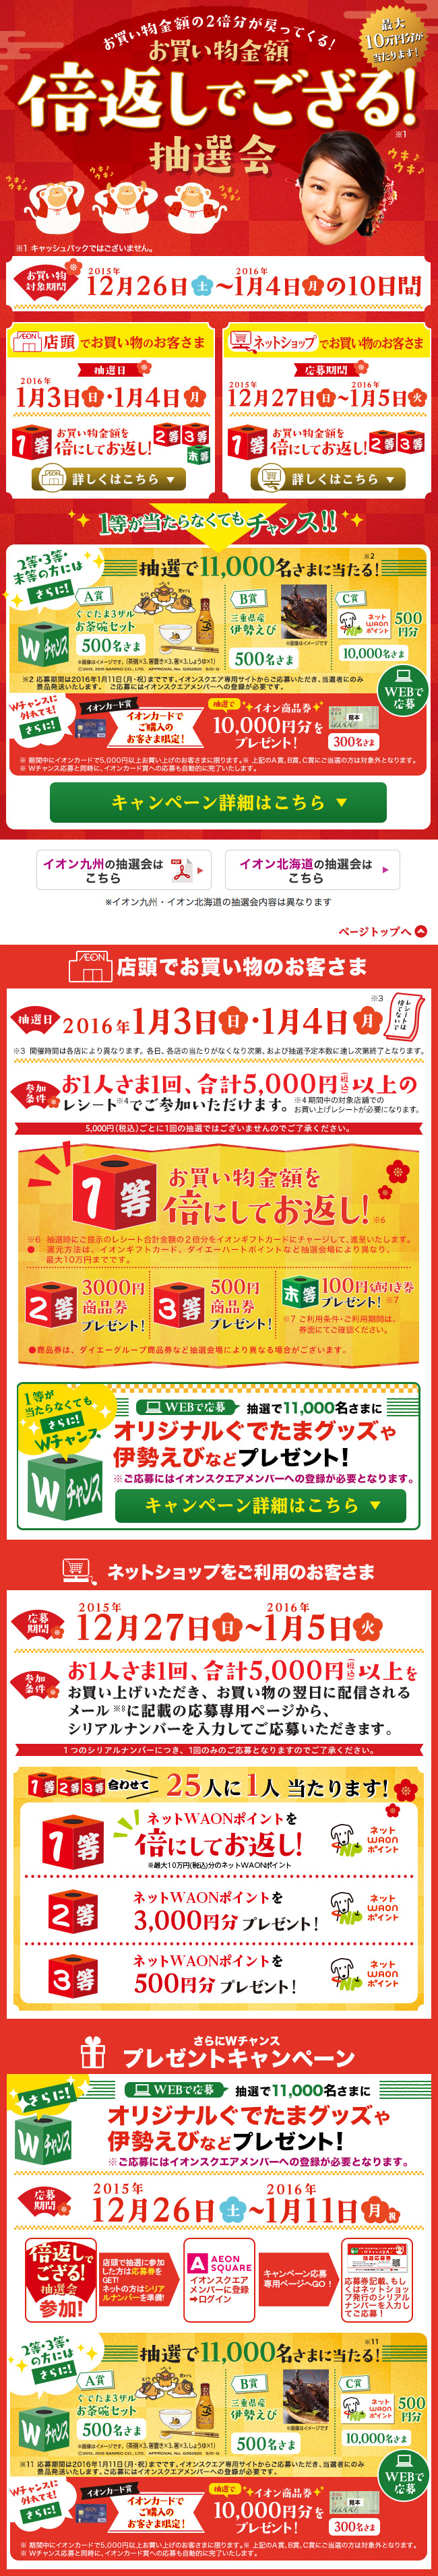 イオン/AEON お買い物金額倍返しでござる!抽選会 - お正月な感じで、にぎやかな和風の特集ページデザイン♡|webdesign, design , japanese, red, pop, campaign